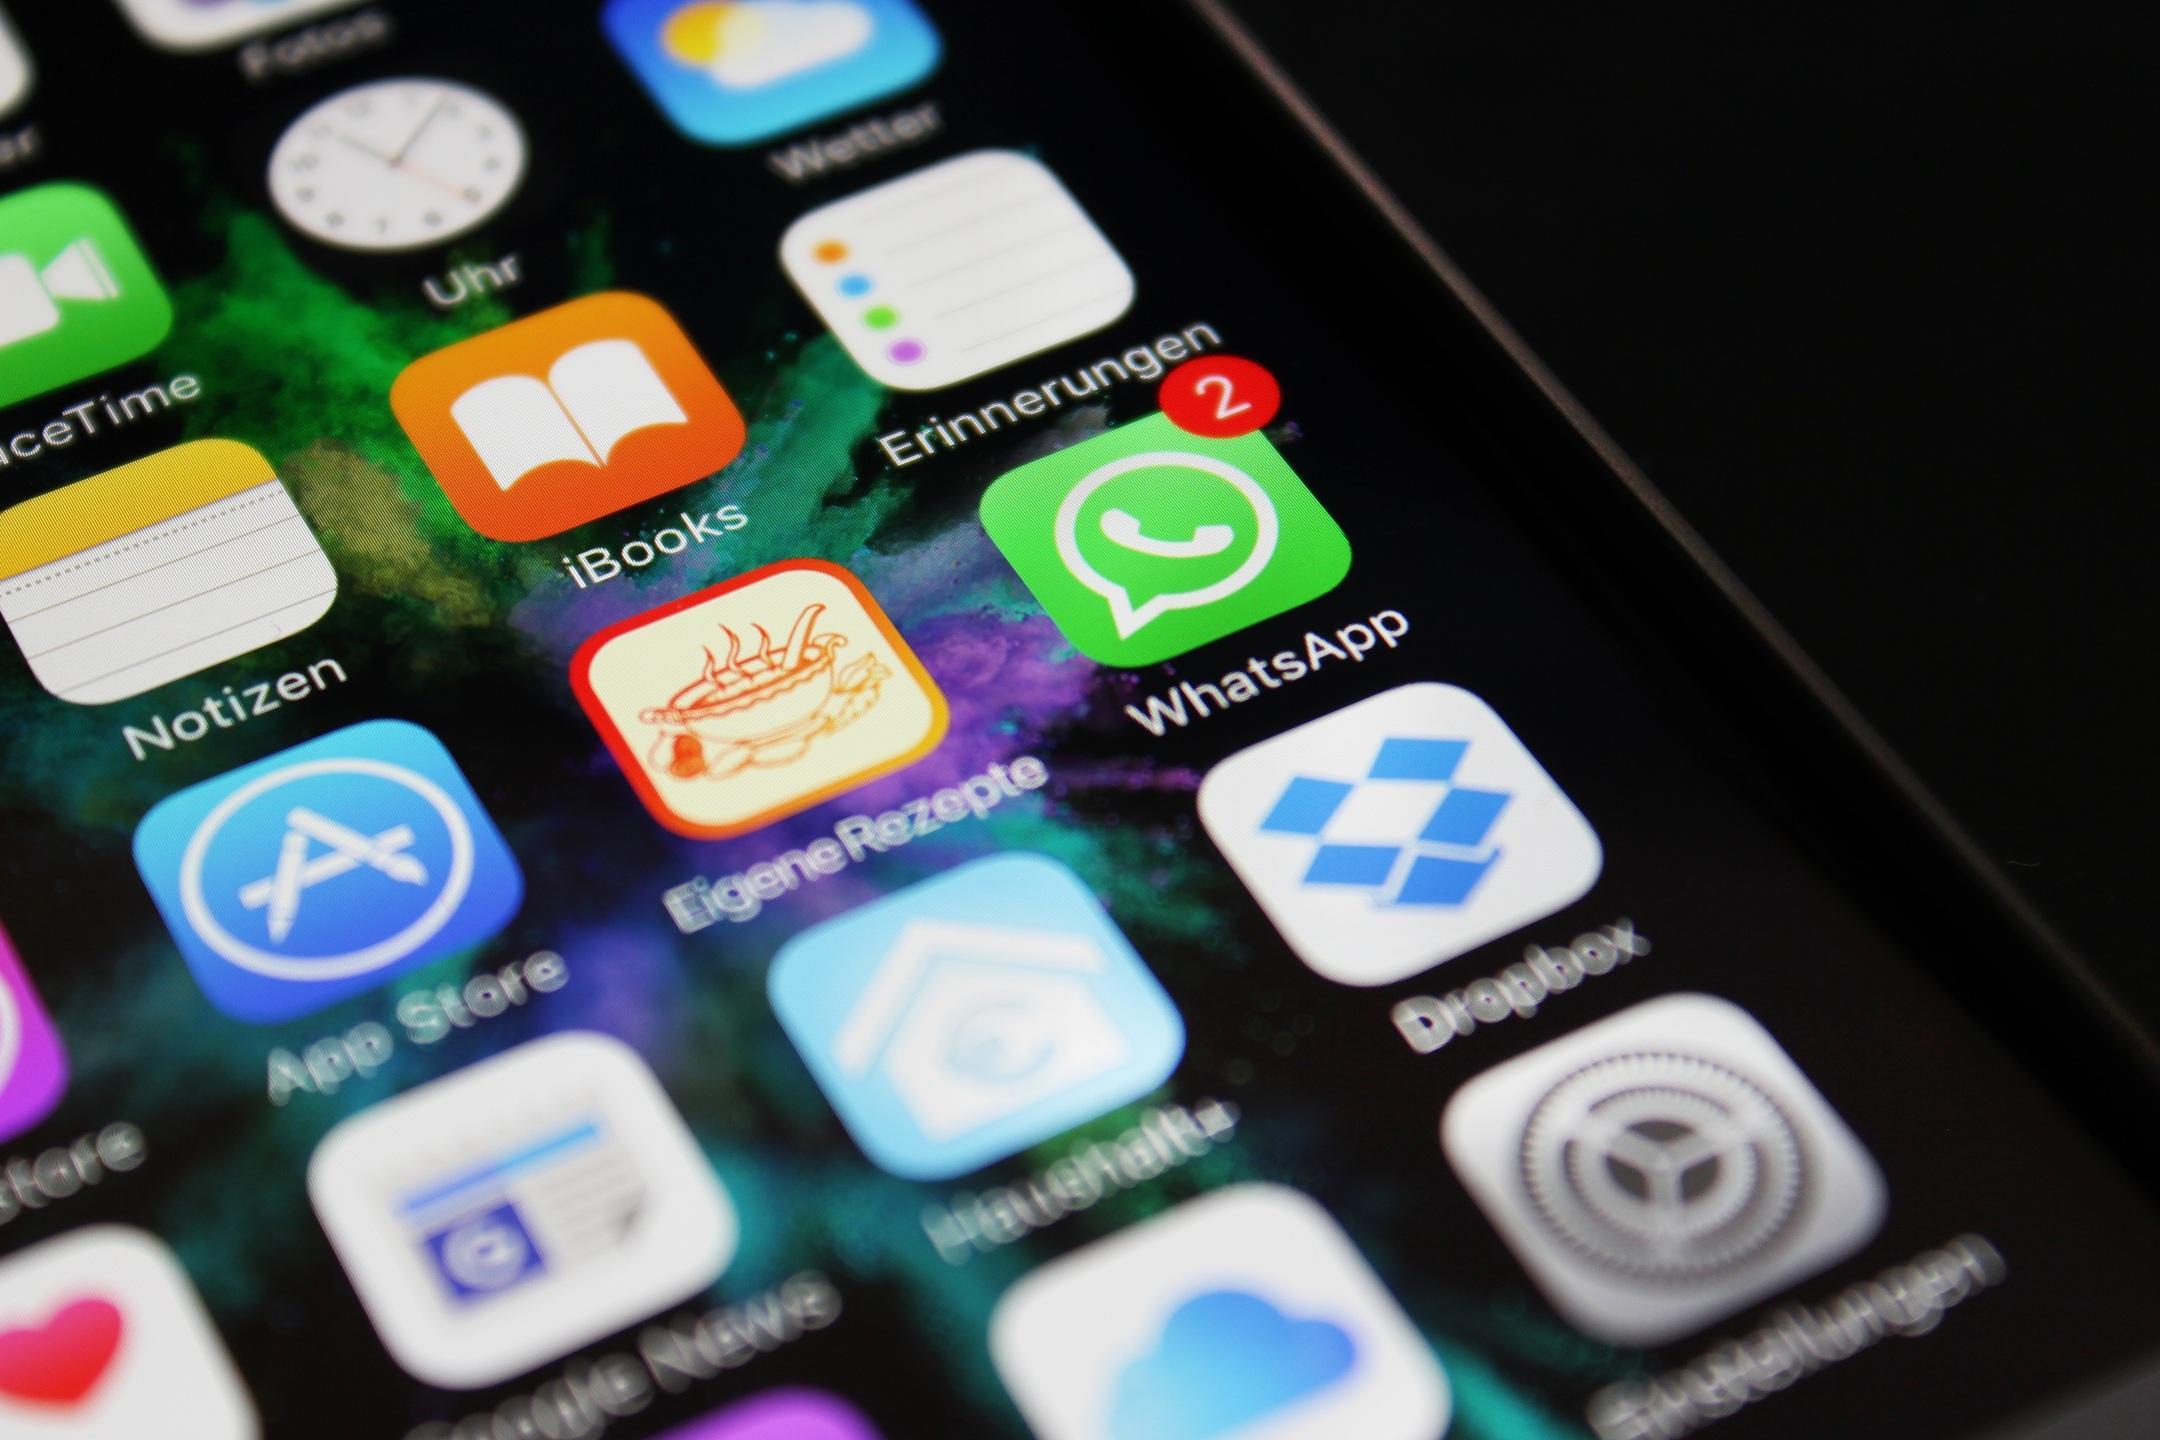 Эксперты обнаружили уязвимость в приложении WhatsApp